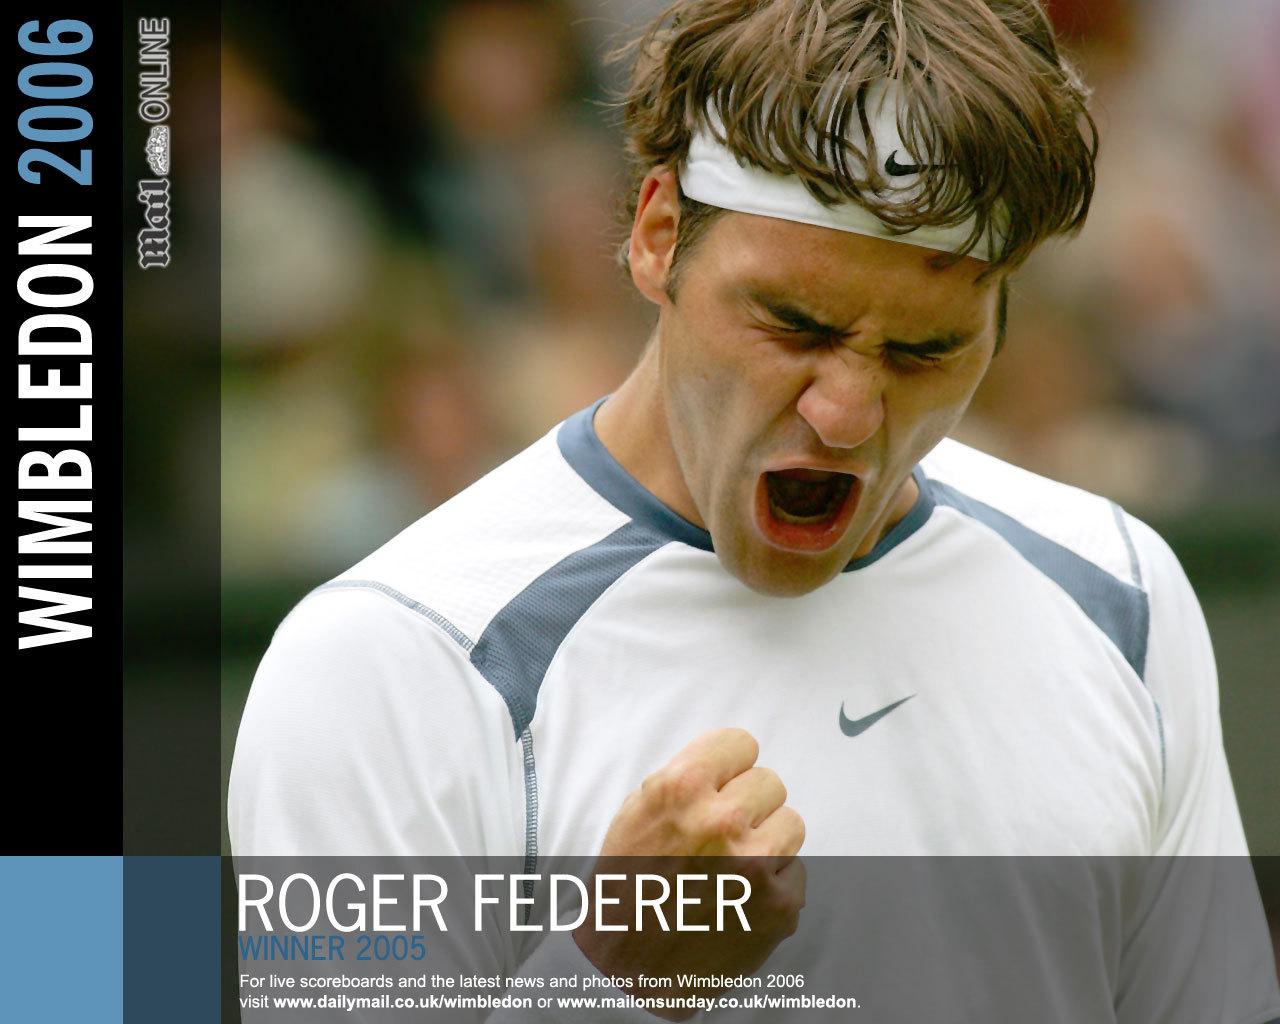 http://2.bp.blogspot.com/-sRnFxnJWtZE/TlbzcAaBccI/AAAAAAAAC90/_ZmameVTFCg/s1600/Federer-Wallpaper-roger-federer-929573_1280_1024.jpg